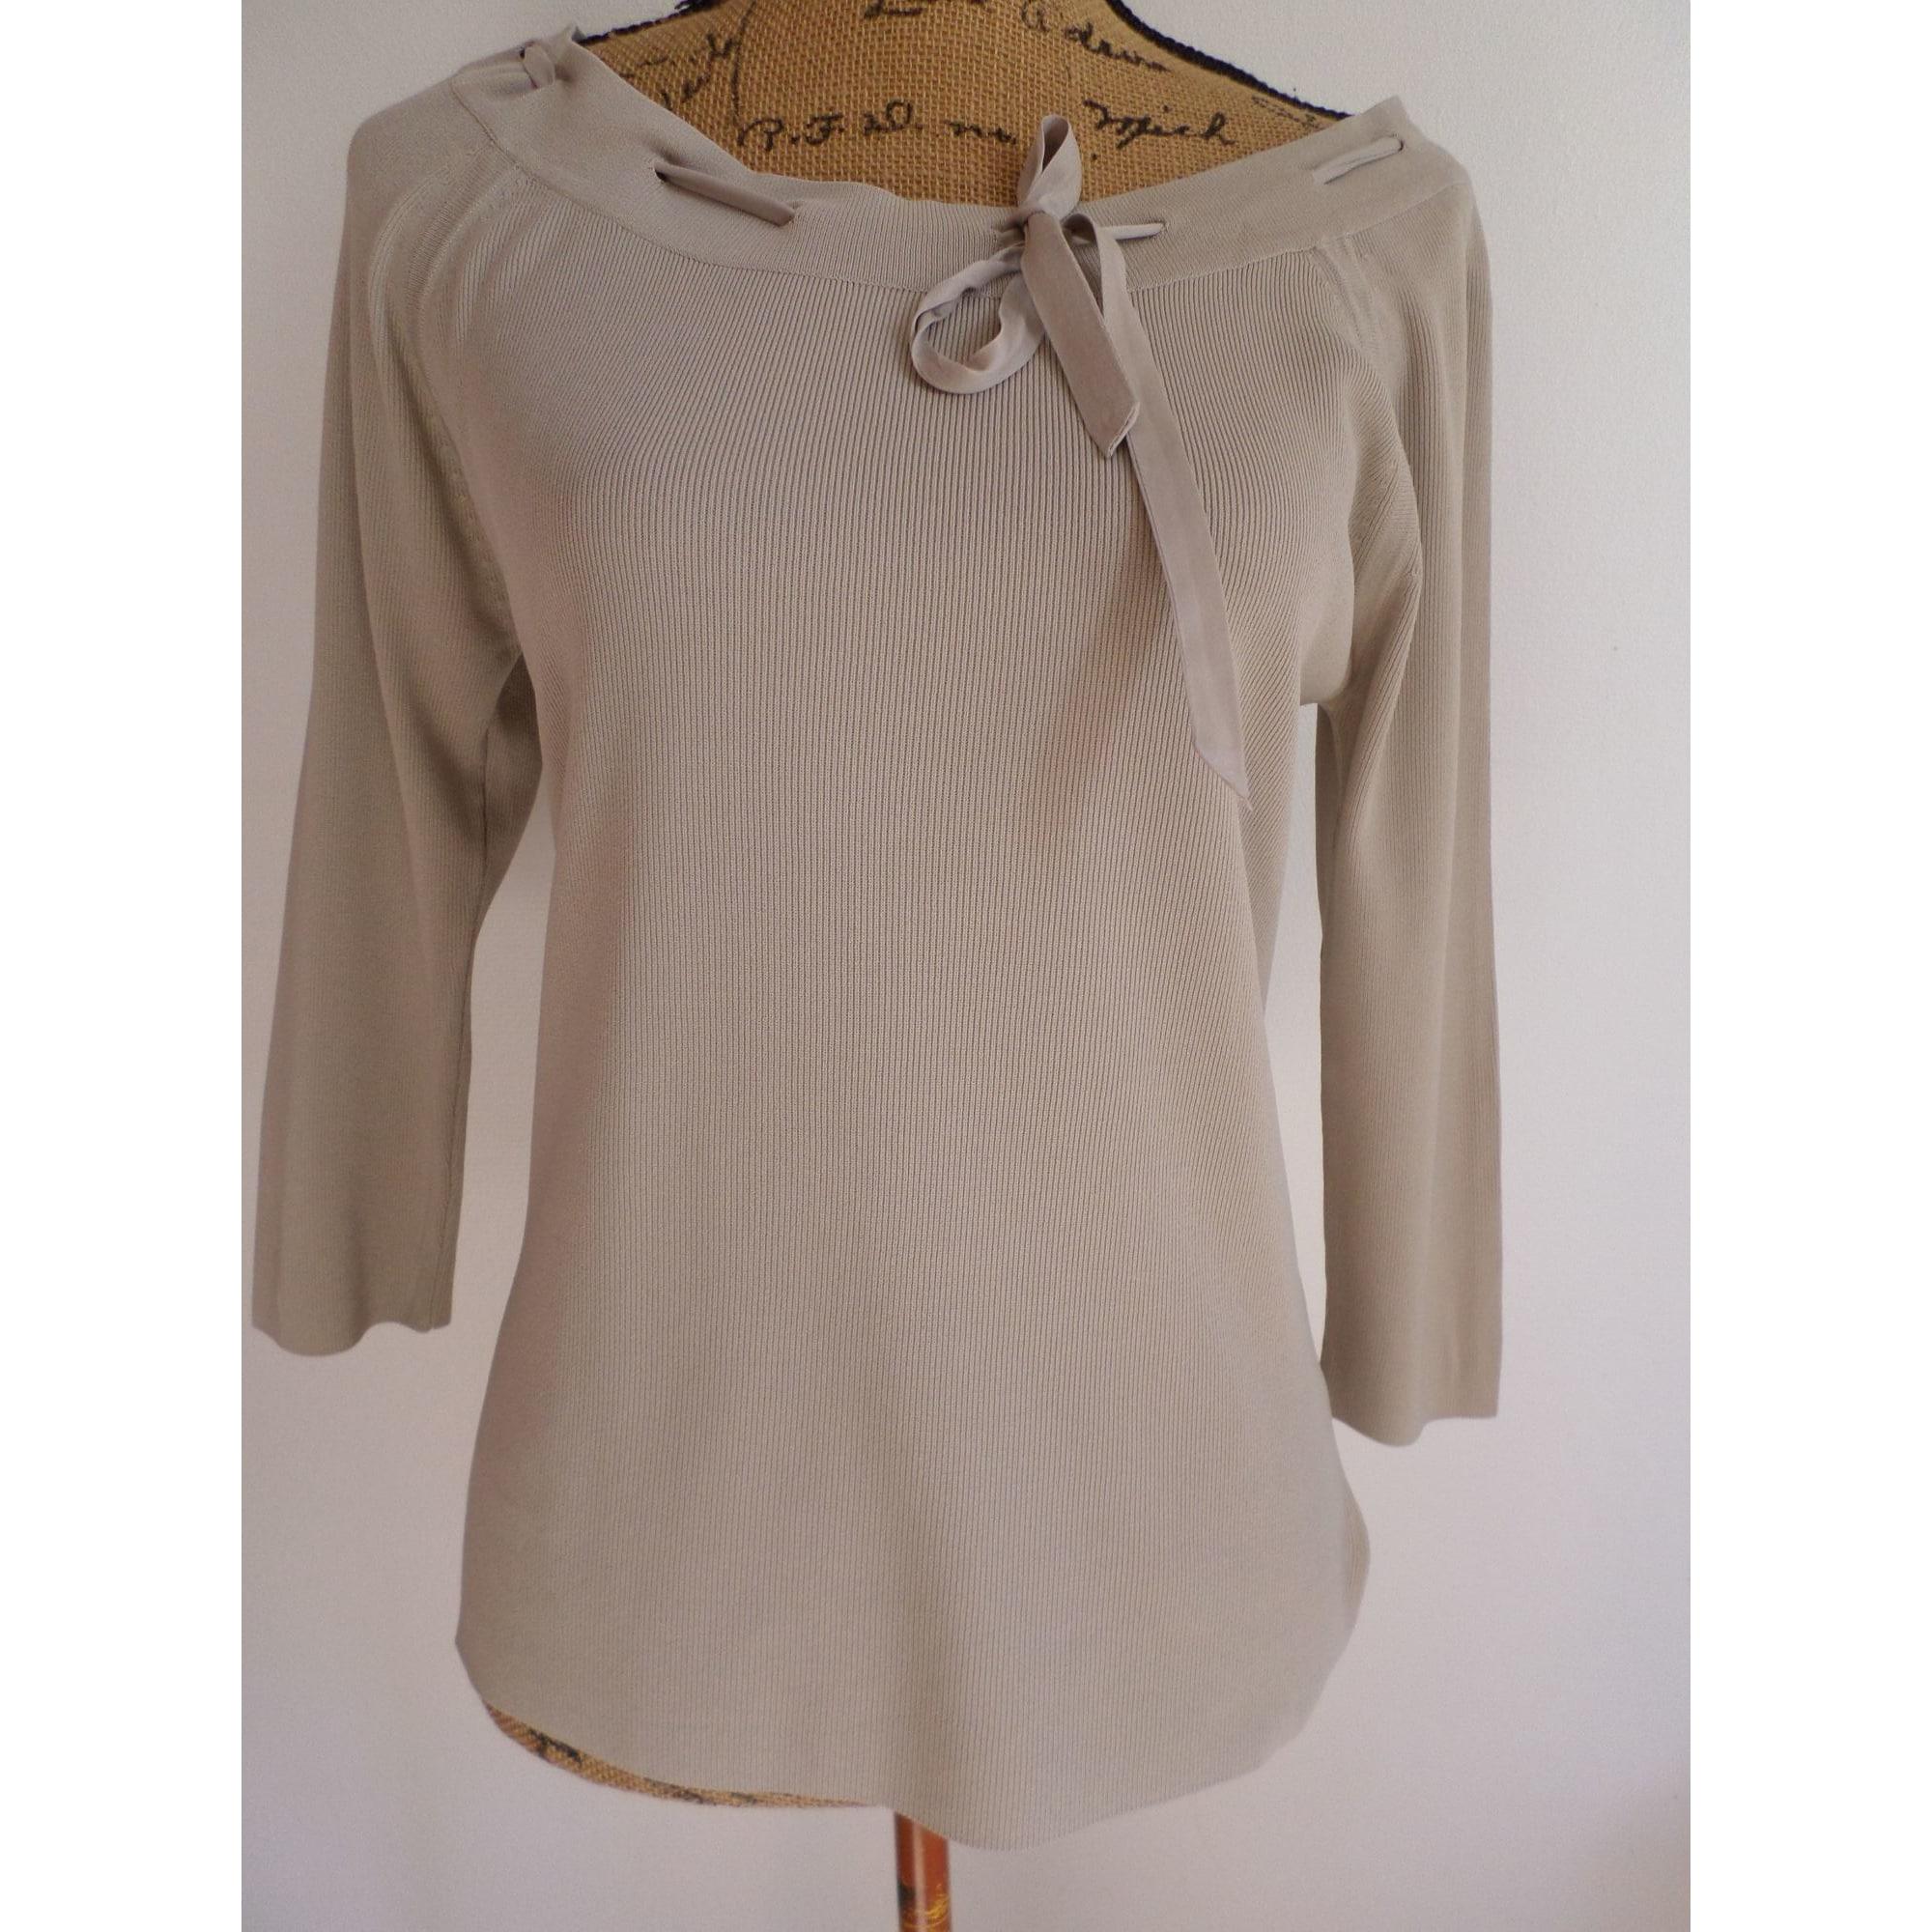 Top, tee-shirt CAROLL Beige, camel